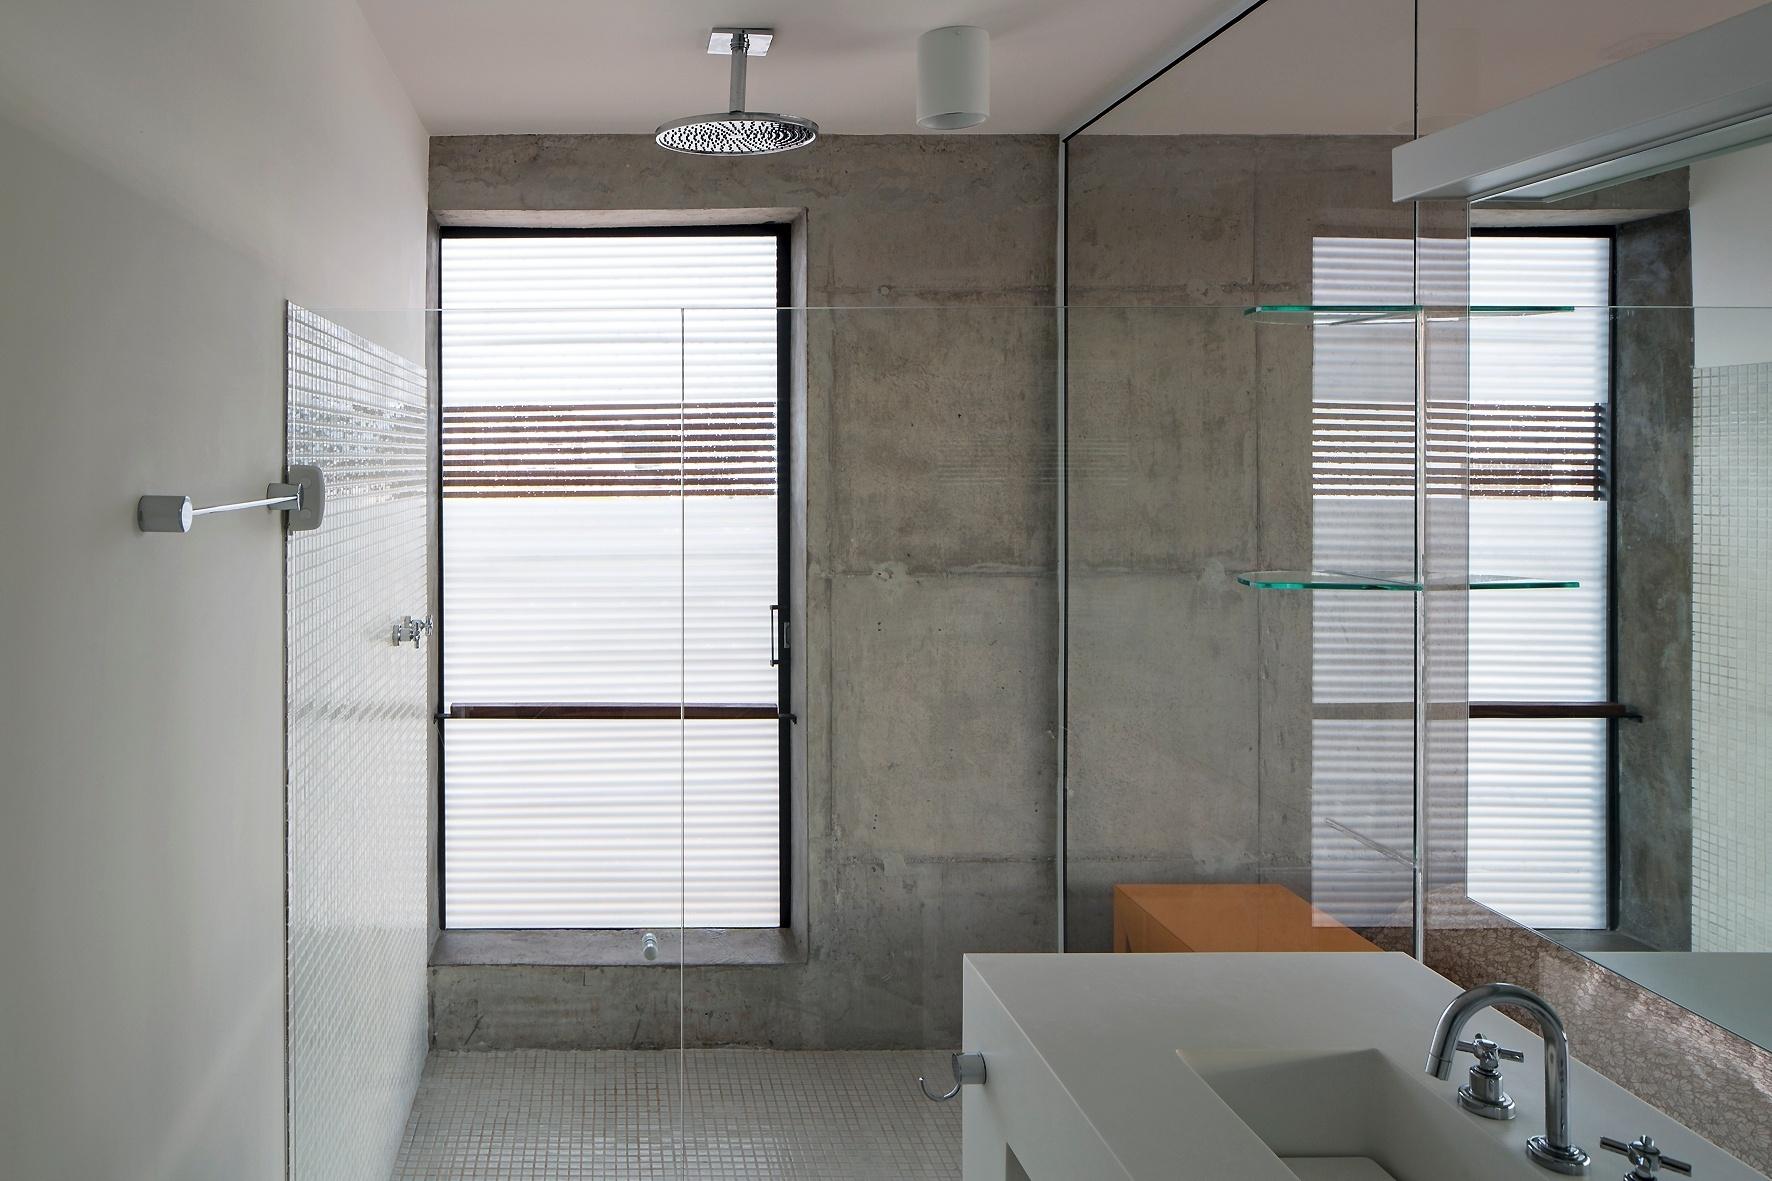 Integrado ao dormitório, o banheiro é todo branco e contrasta com o concreto aparente predominante. Revestindo o piso, pastilhas de vidro. A bancada é feita com superfície sólida mineral (Corian), do Studio Vitty; a ducha é da Deca e os espelhos são da Vidraçaria Boa Nova. A Casa Ithayê foi projetada pelo escritório Apiacás Arquitetos